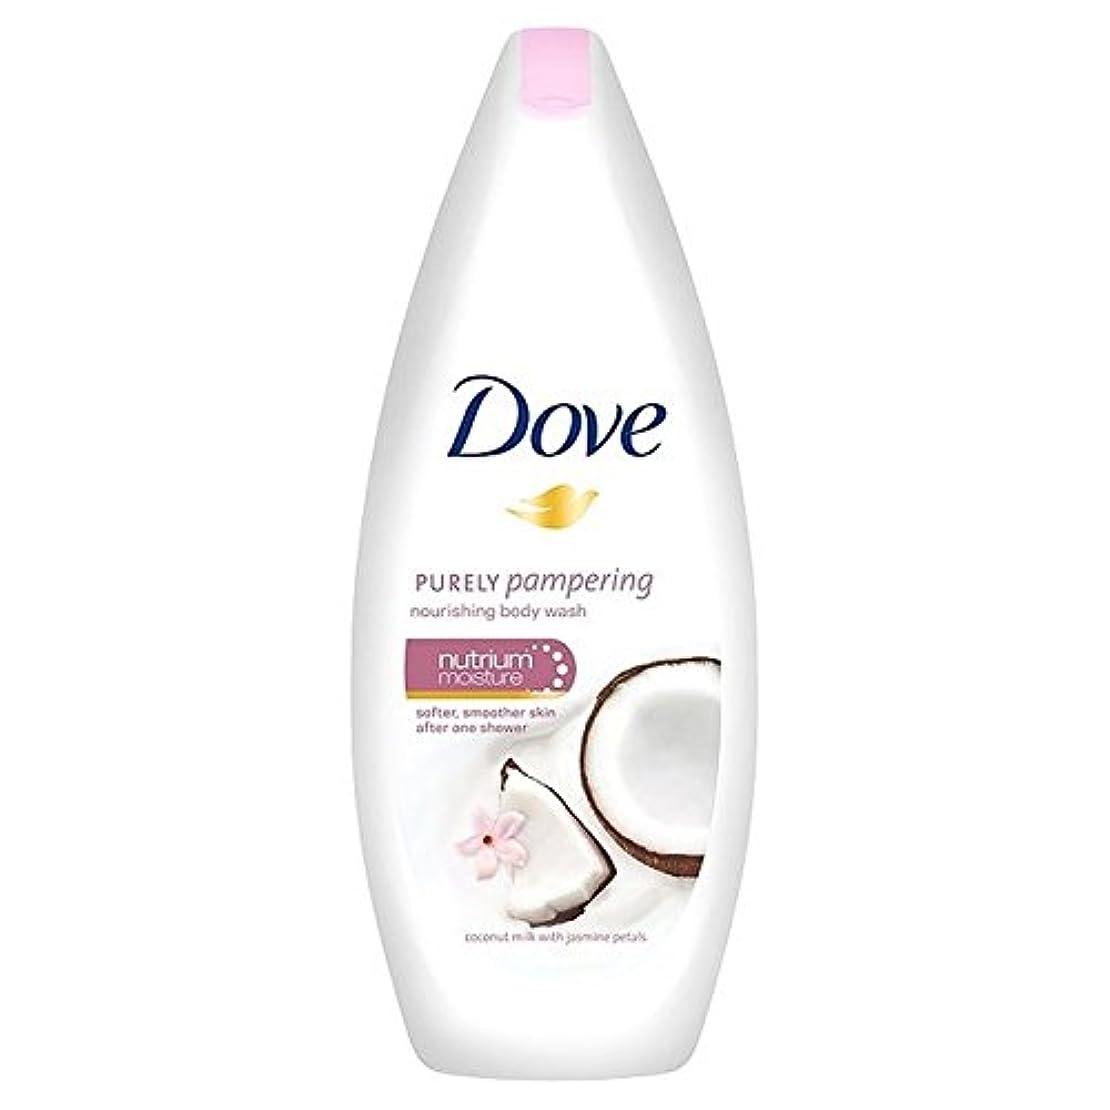 器具自分市の花鳩純粋に甘やかすココナッツボディウォッシュ250ミリリットル x4 - Dove Purely Pampering Coconut Body Wash 250ml (Pack of 4) [並行輸入品]